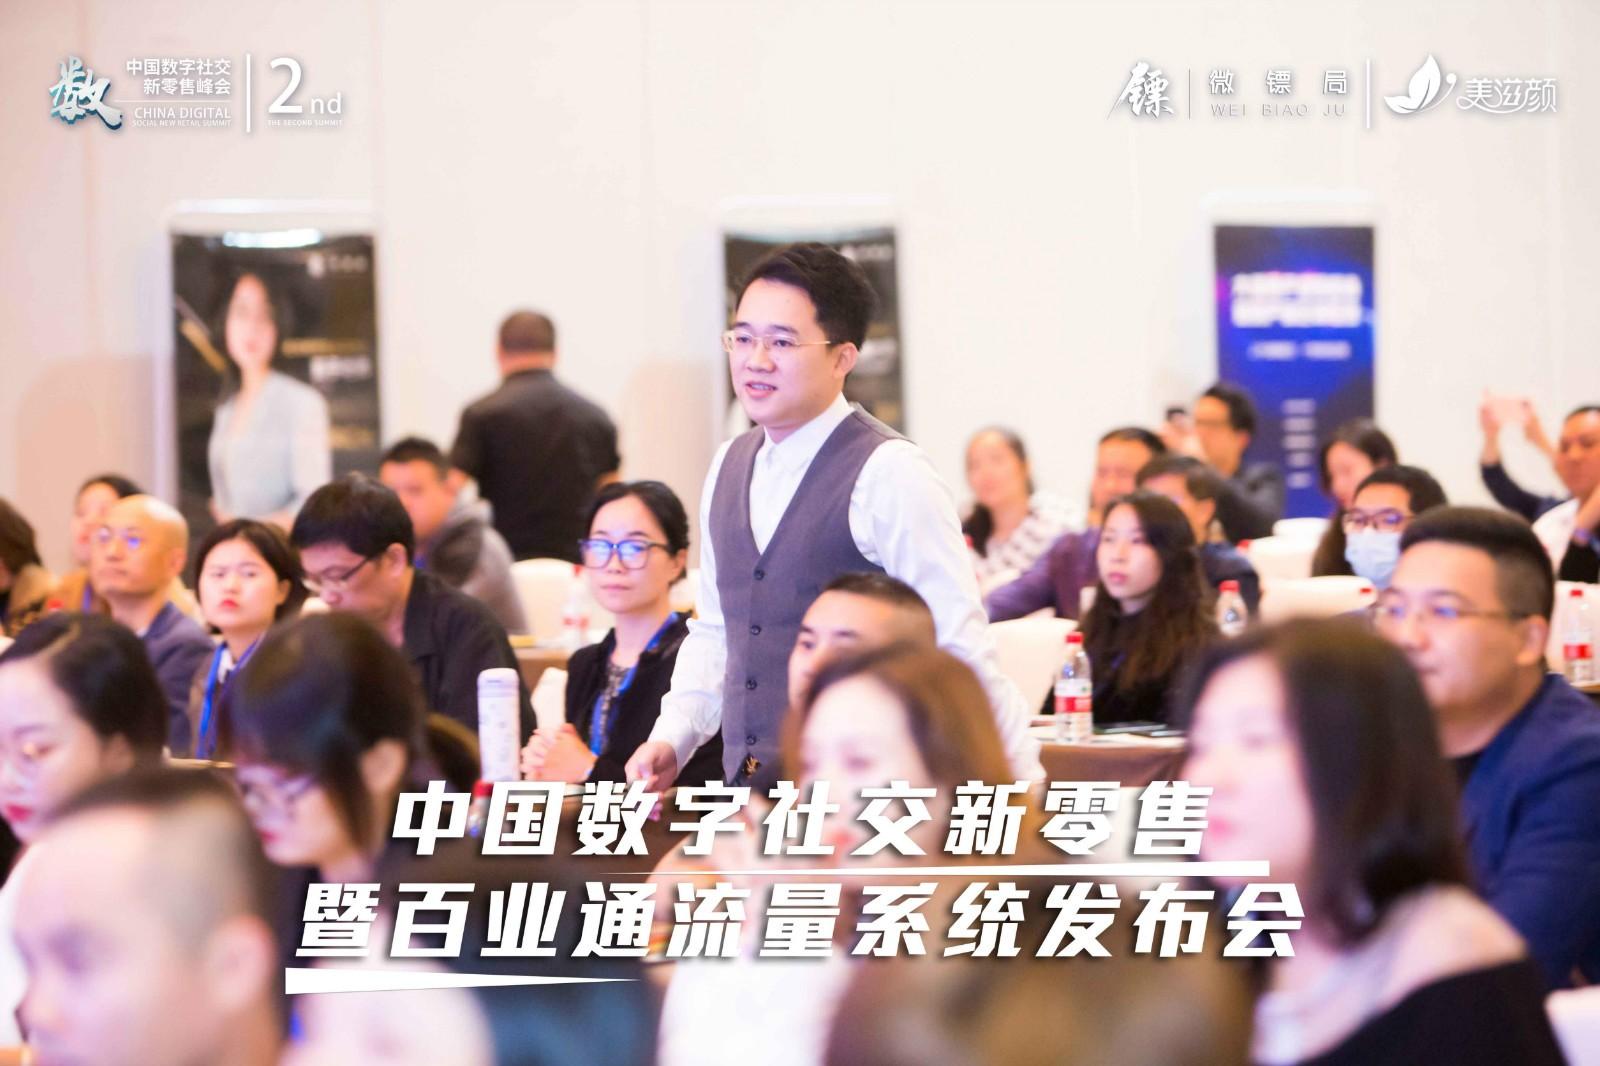 第二届数字社交新零售峰会圆满落幕!新零售服务公司微镖局为200+企业赋能